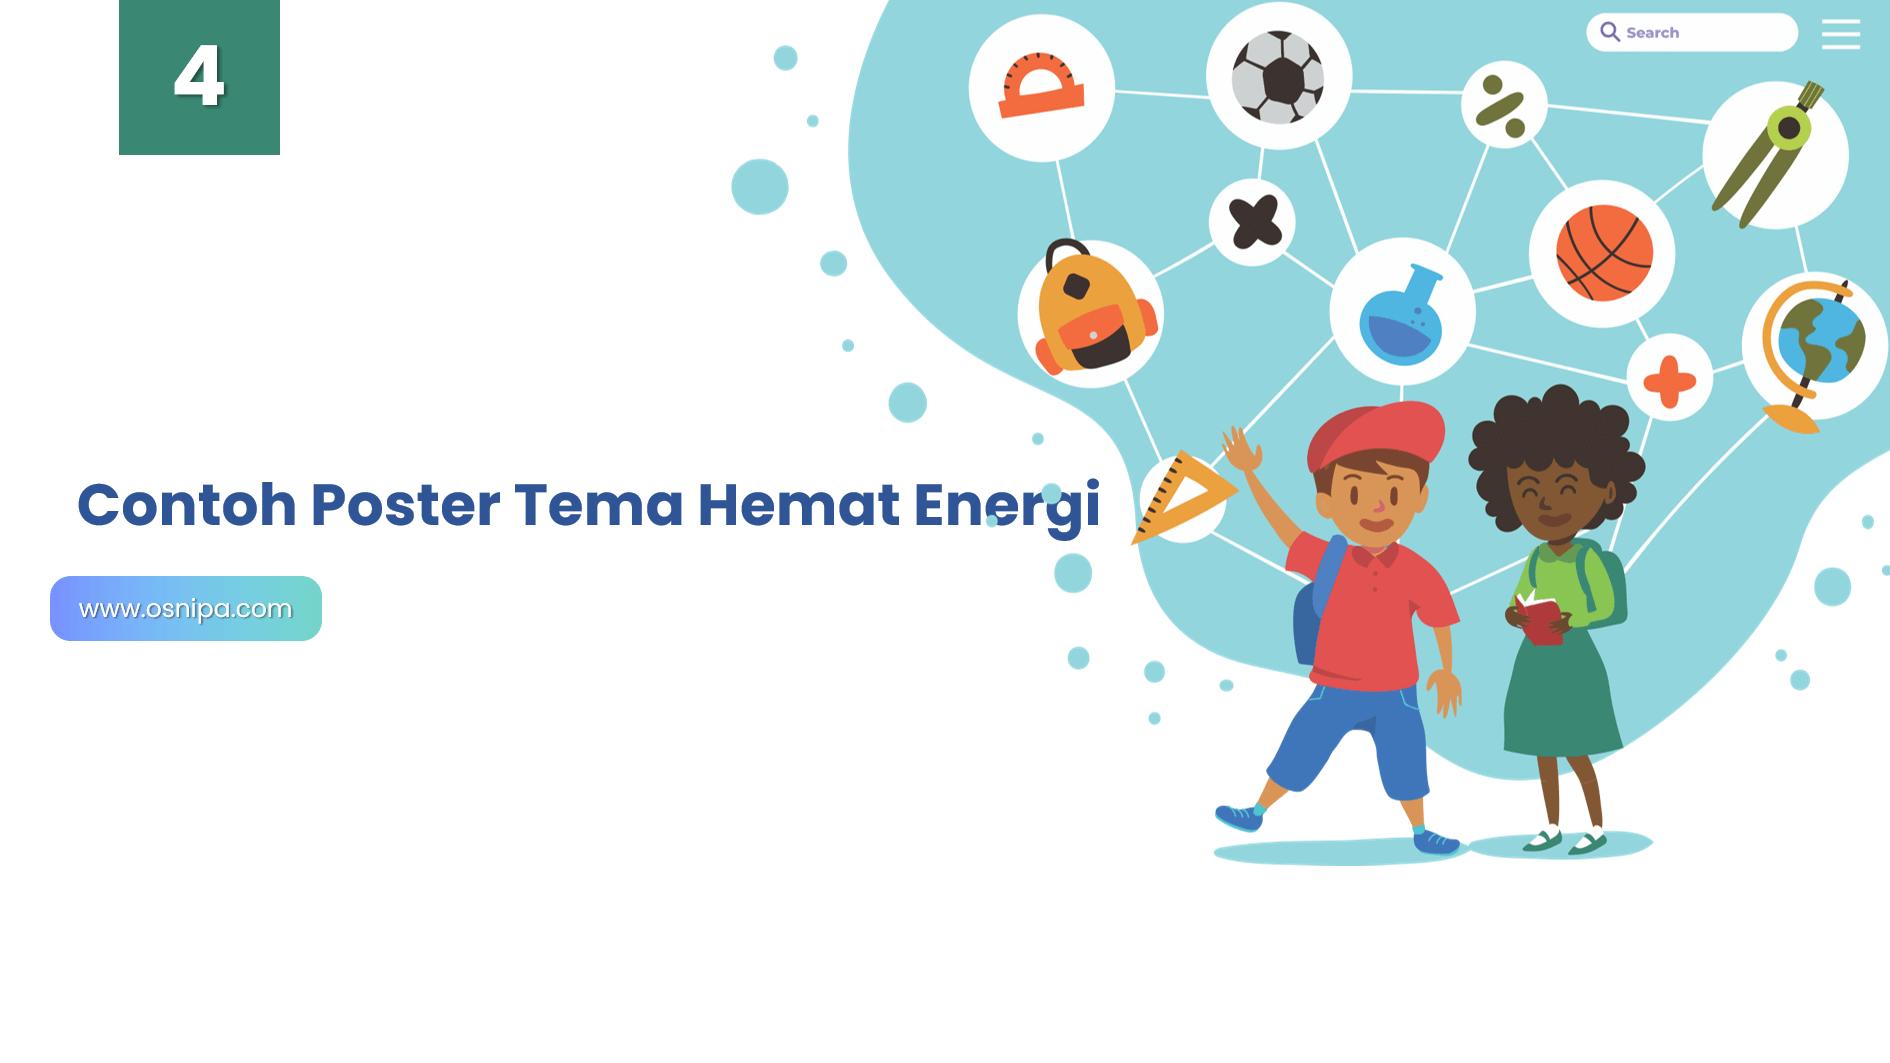 Contoh Poster Tema Hemat Energi